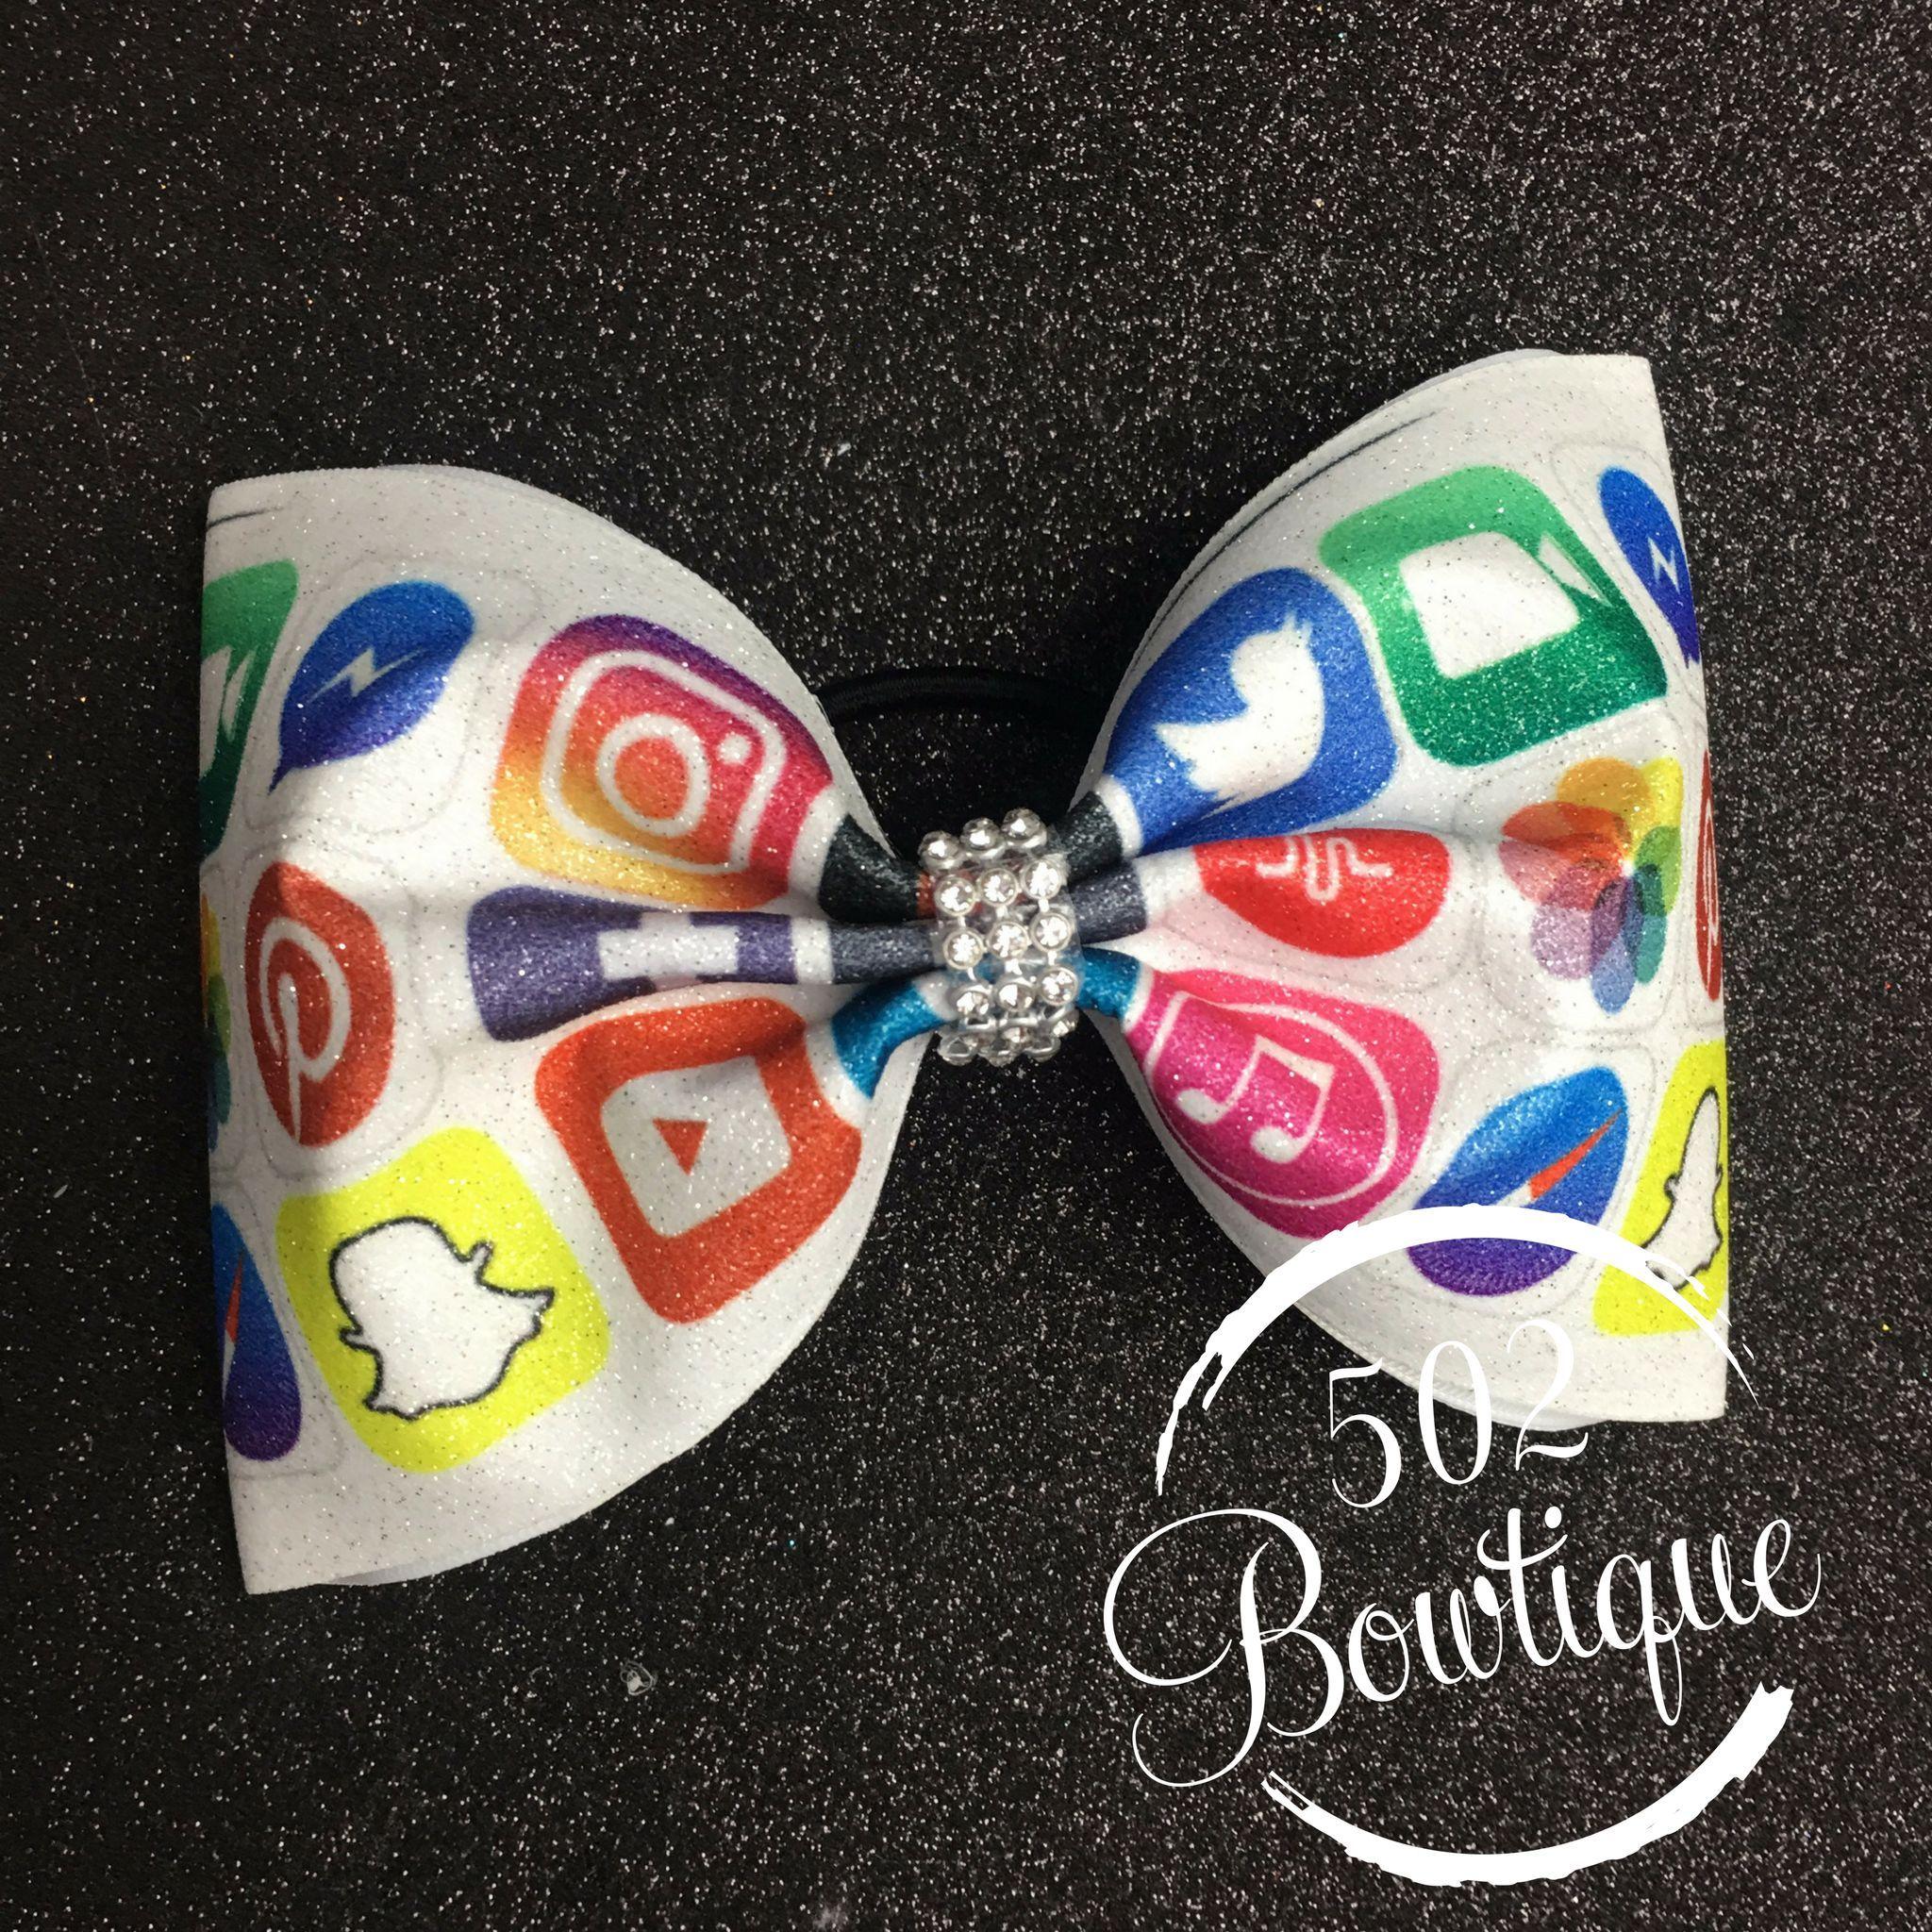 8dcbd8b0ba0f Made of Diamonds Glitter Cheer Bow | cheer bows Le'BowtiqueKY | Cheer bows,  Bows, Diamond glitter